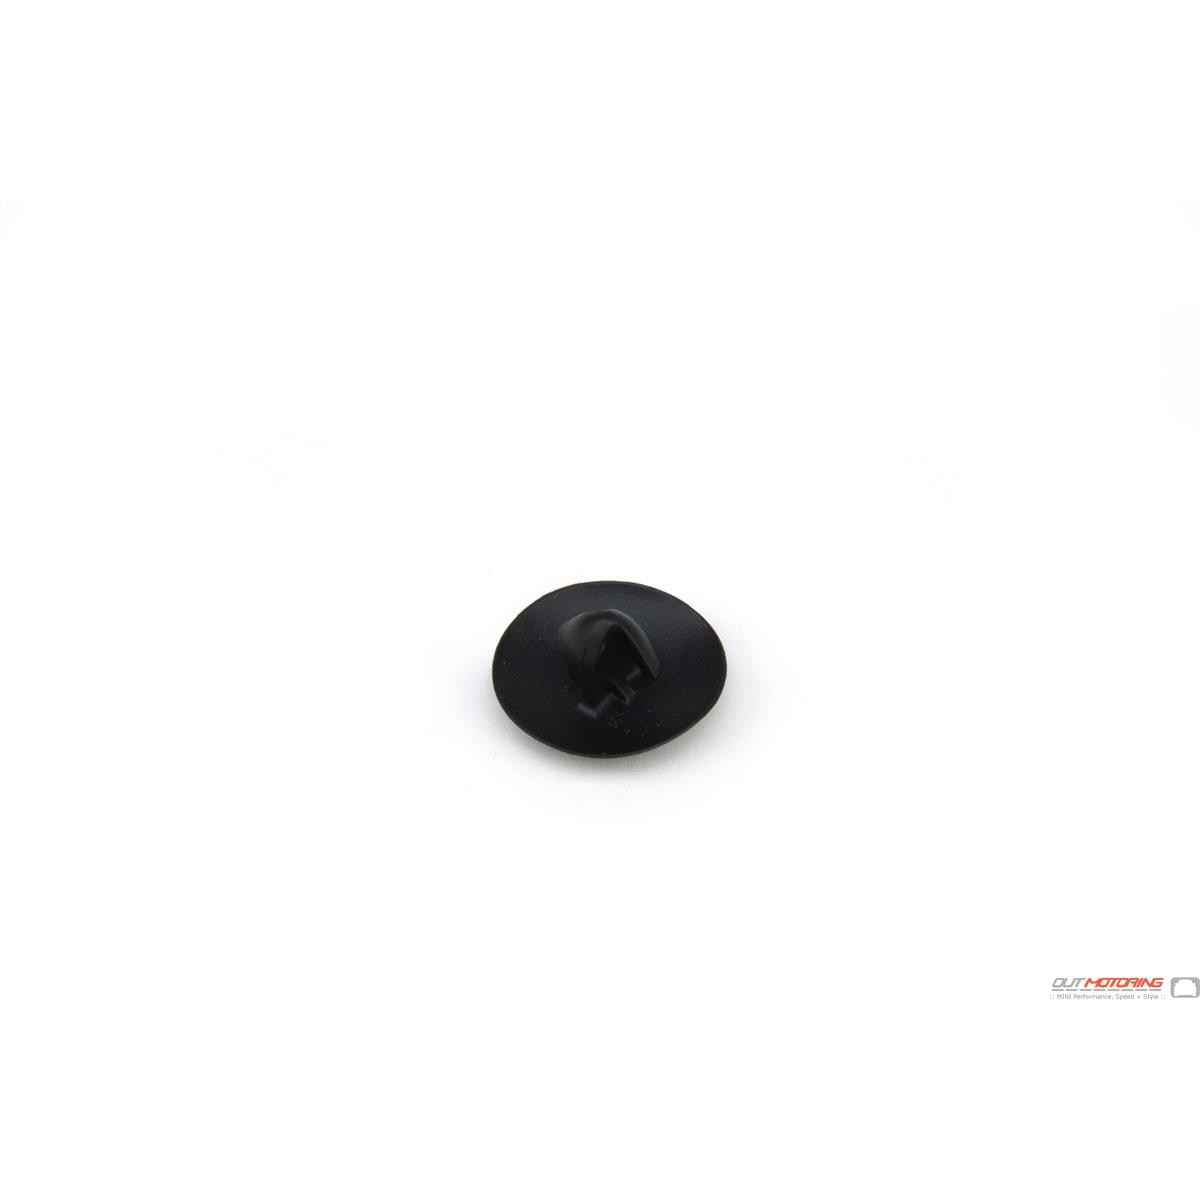 51489119216 MINI Cooper Hood Insulation Clip Snap Rivet